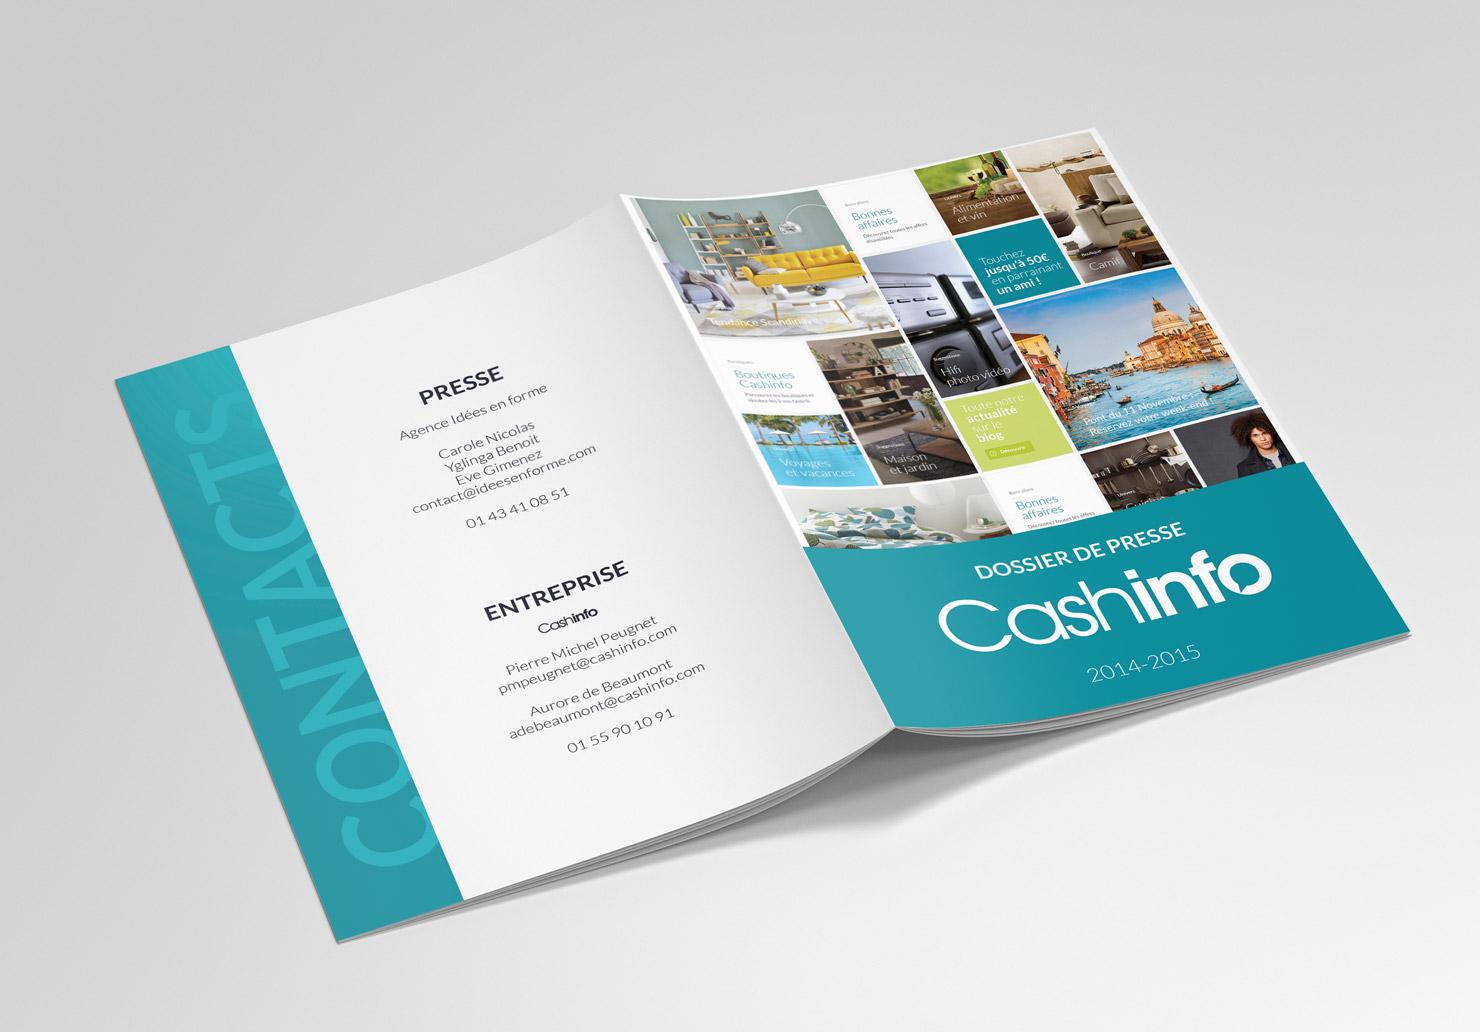 Dossier de presse CashInfo - Création de dossiers de presse par Emilie Le Béhérec Prima, graphiste freelance web et print